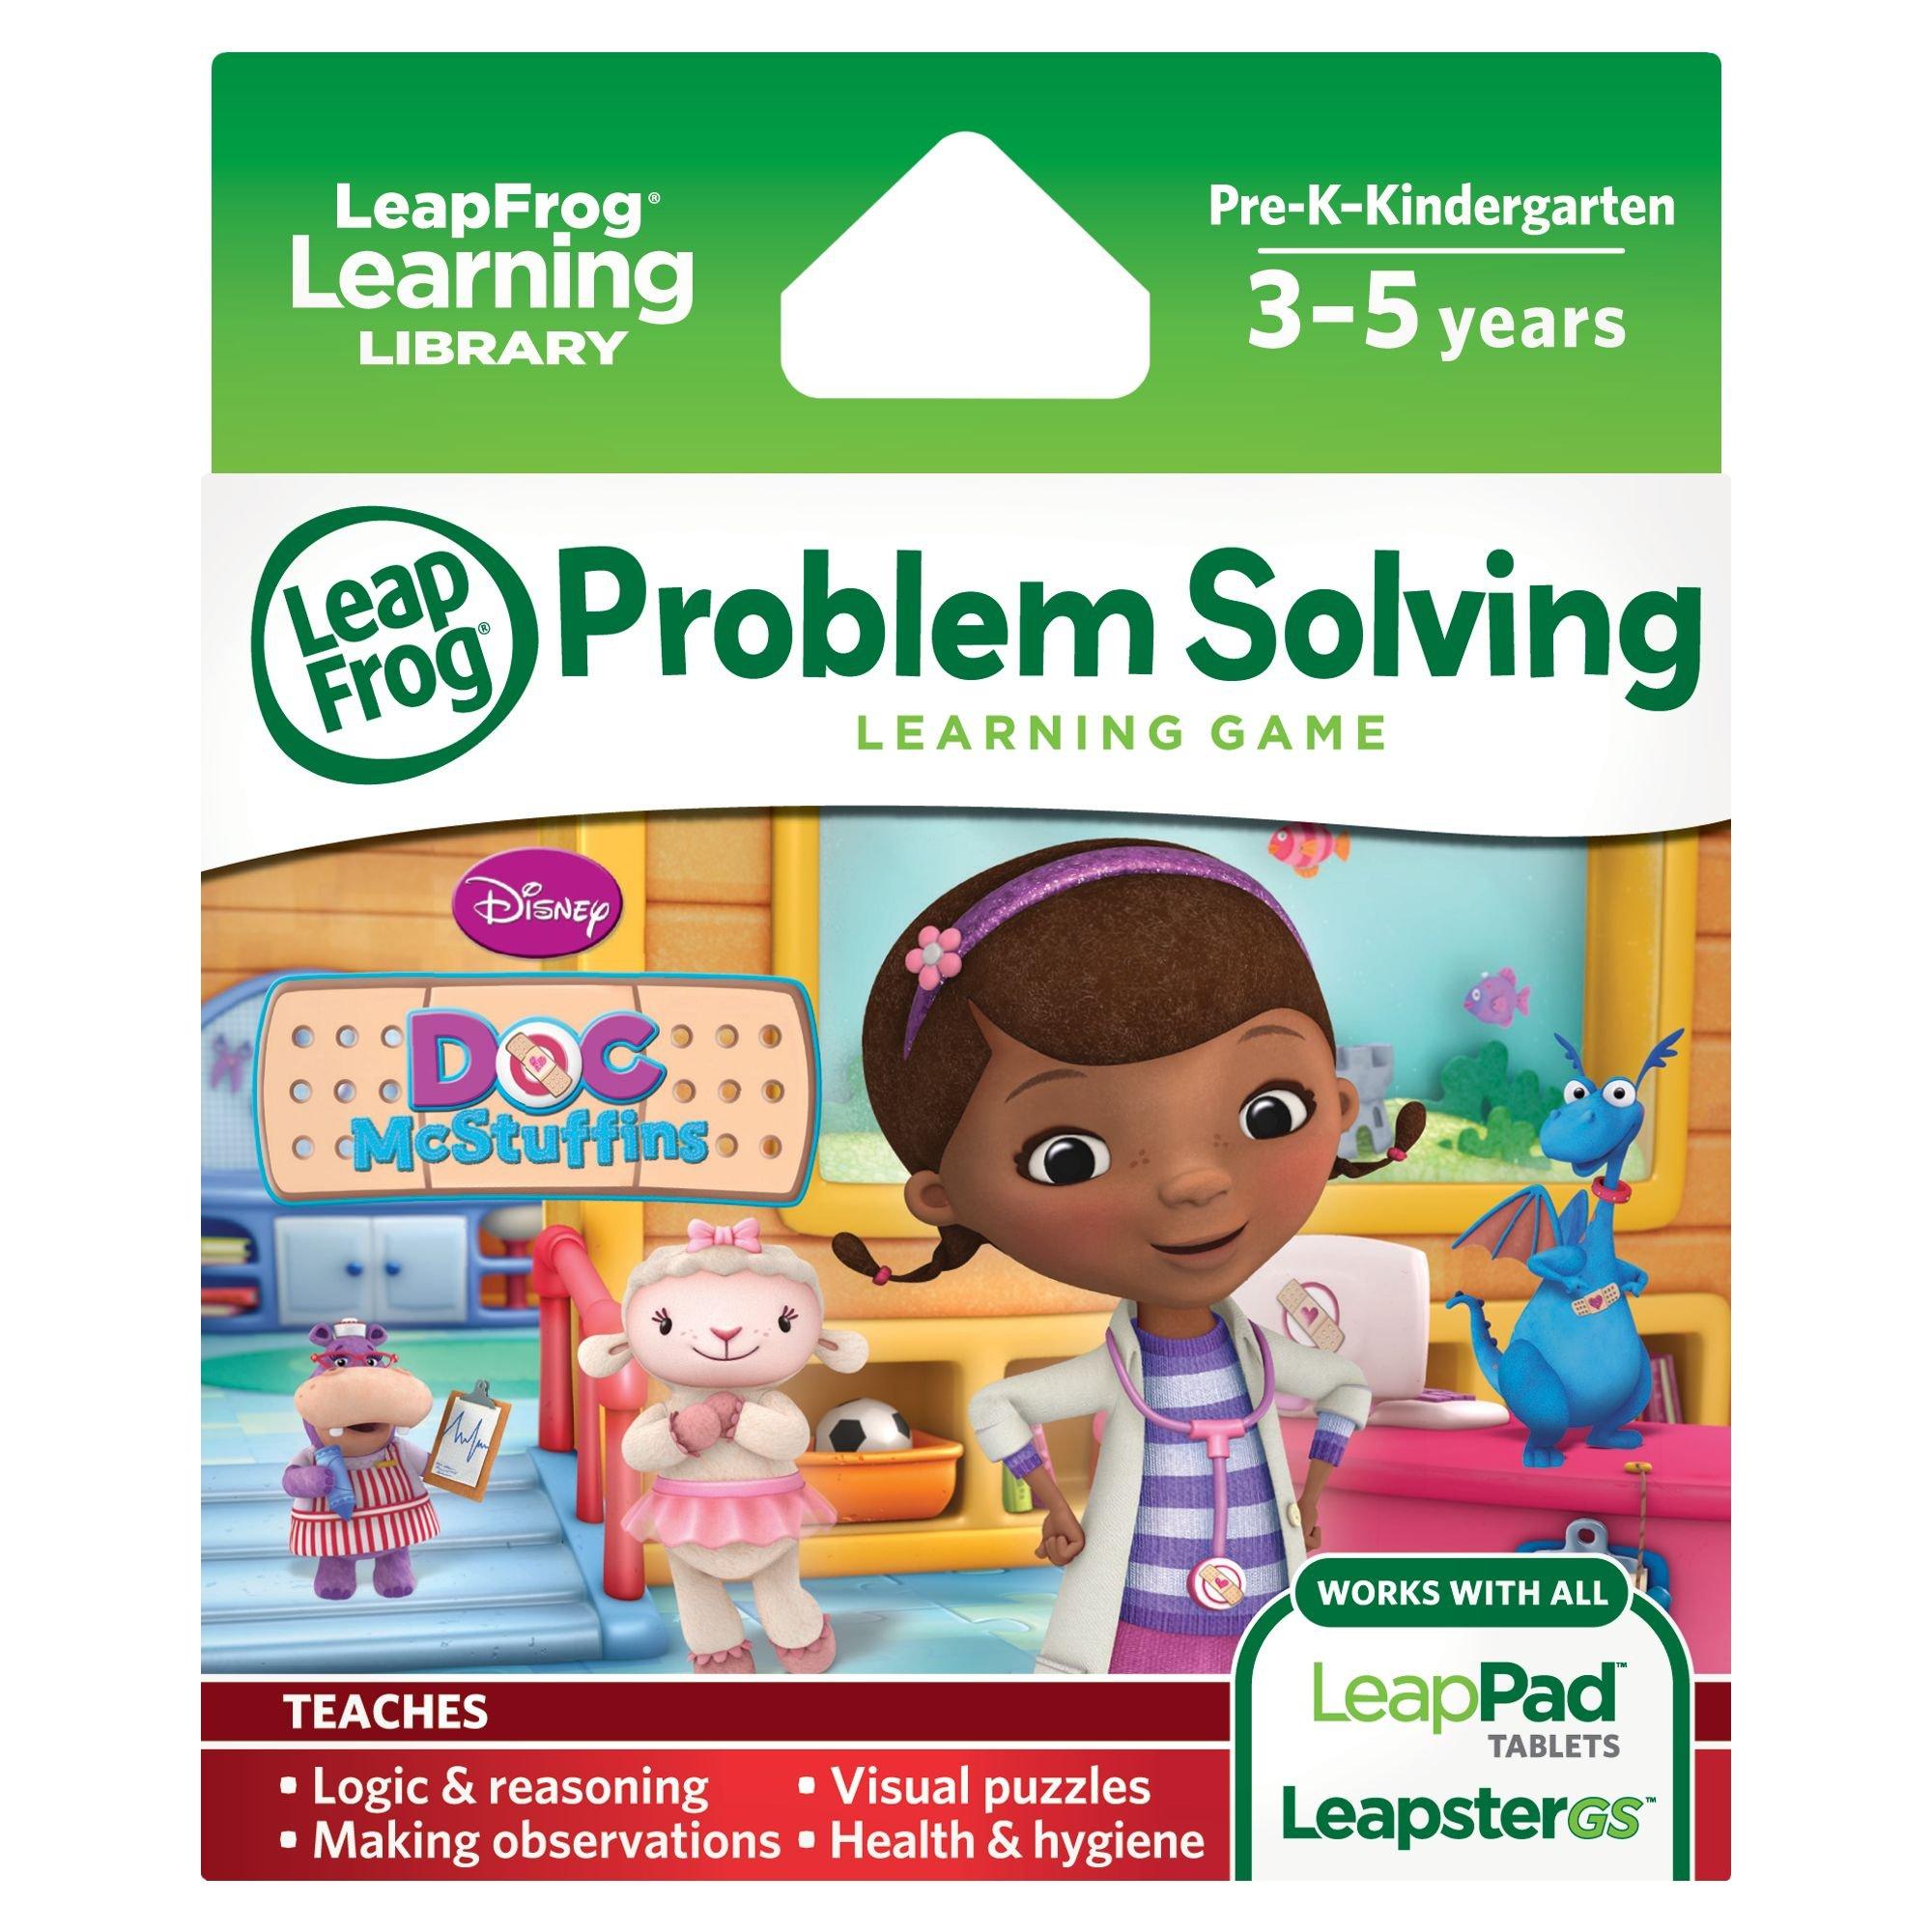 LeapFrog Disney Doc McStuffins Learning Game (for LeapFrog Epic, LeapPad Platinum, LeapPad Ultra, LeapPad1, LeapPad2, LeapPad3, Leapster Explorer, LeapsterGS Explorer) by LeapFrog